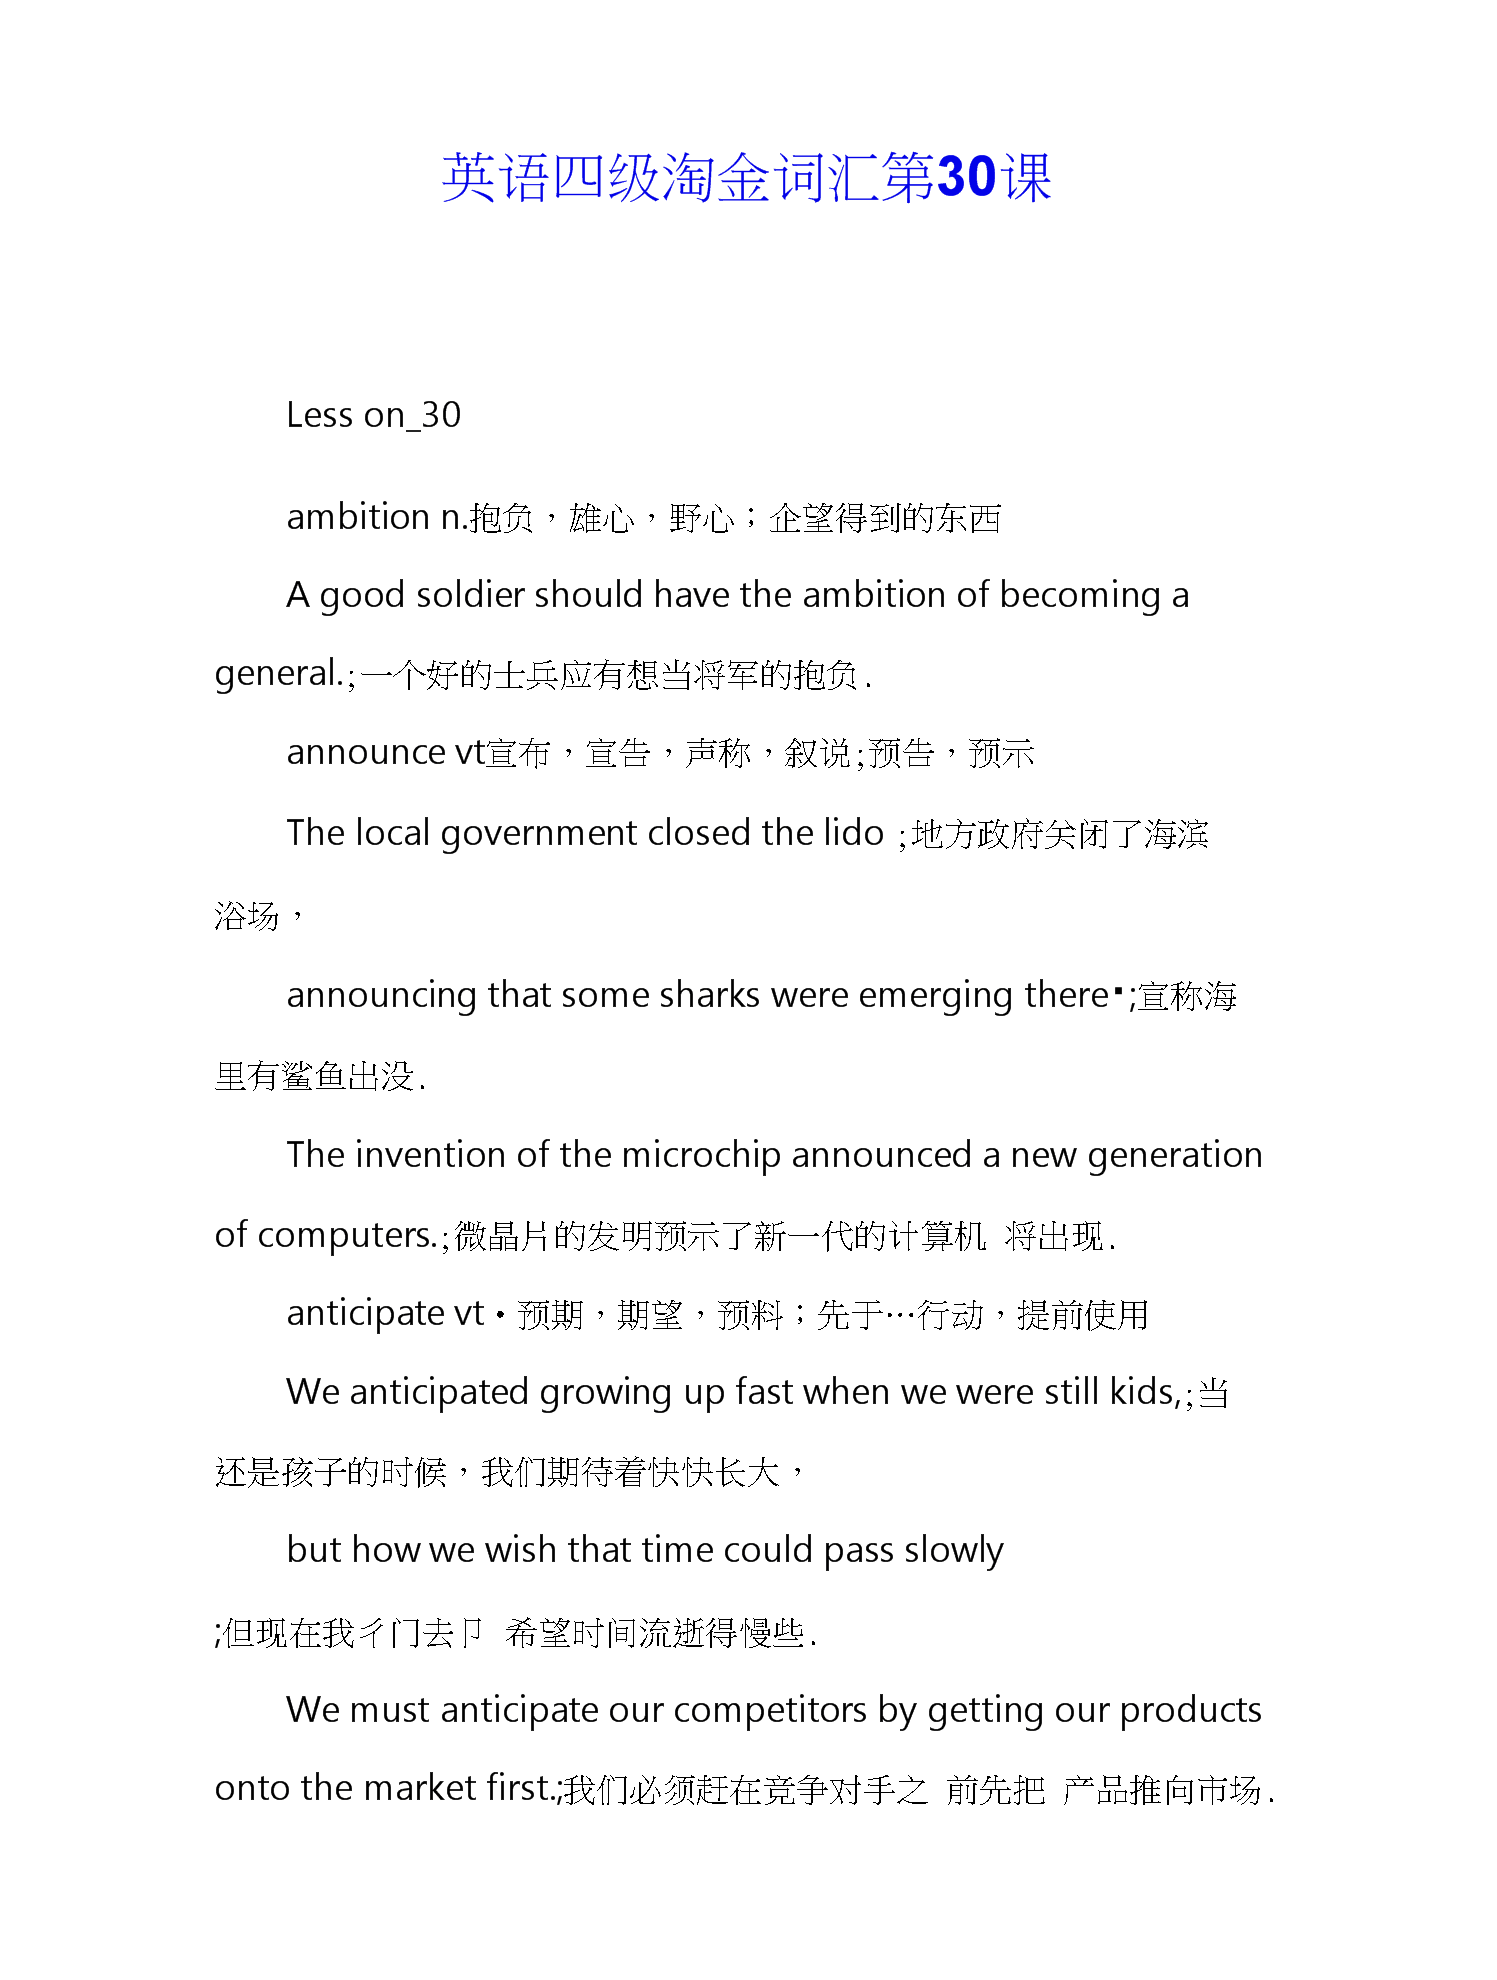 英语四级淘金词汇第30课.docx